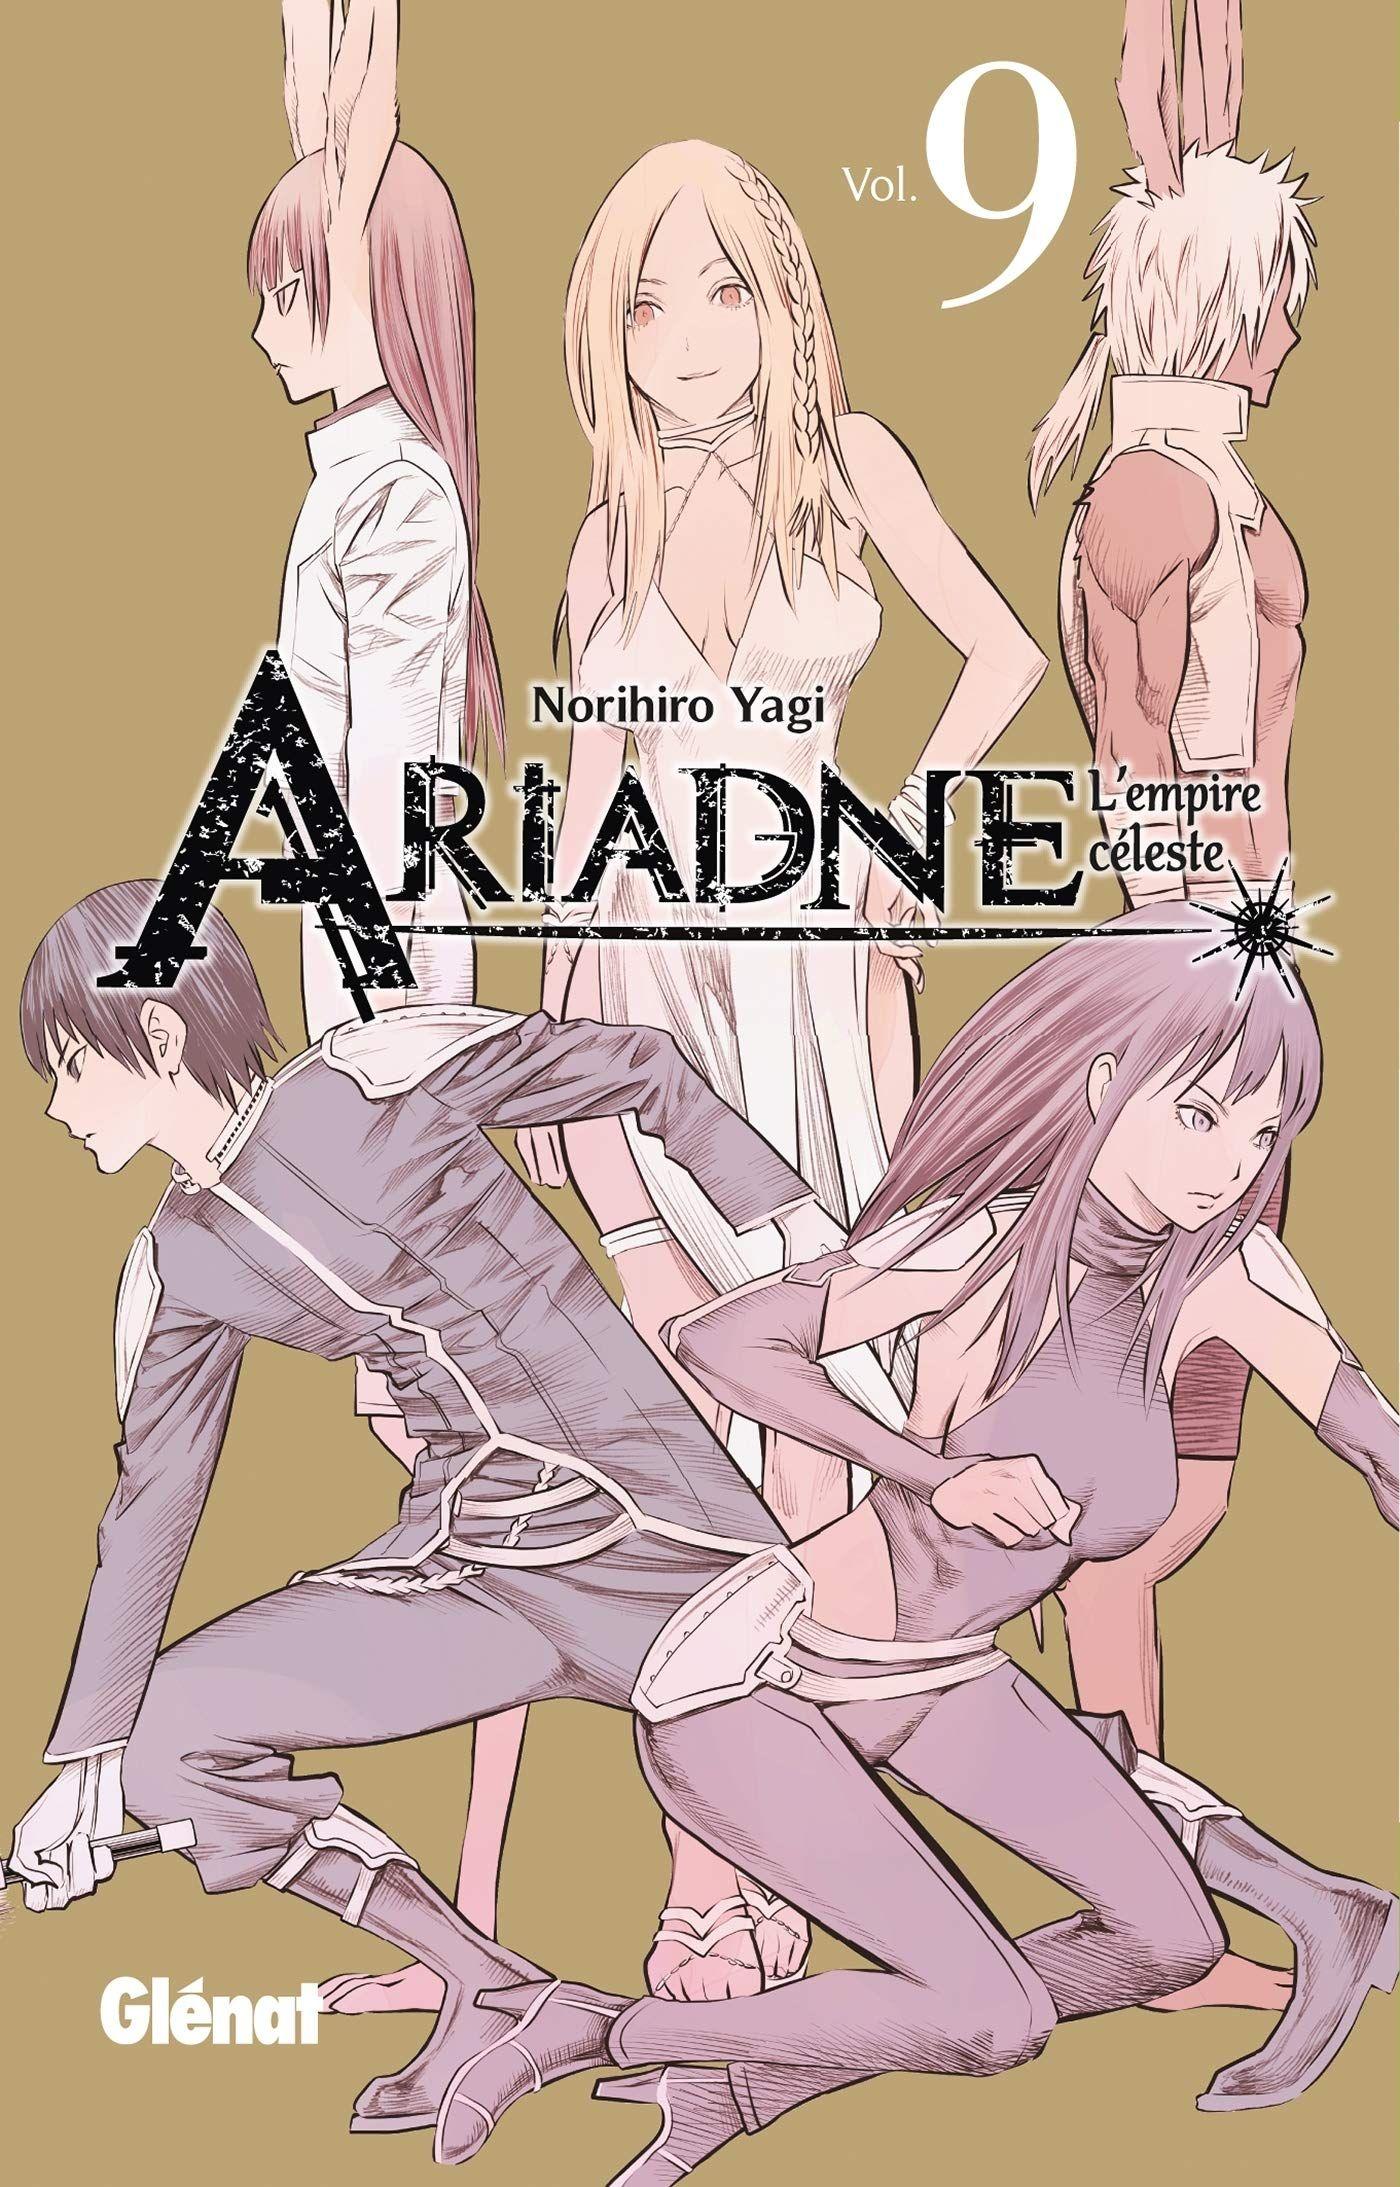 Ariadne l'empire céleste Vol.9